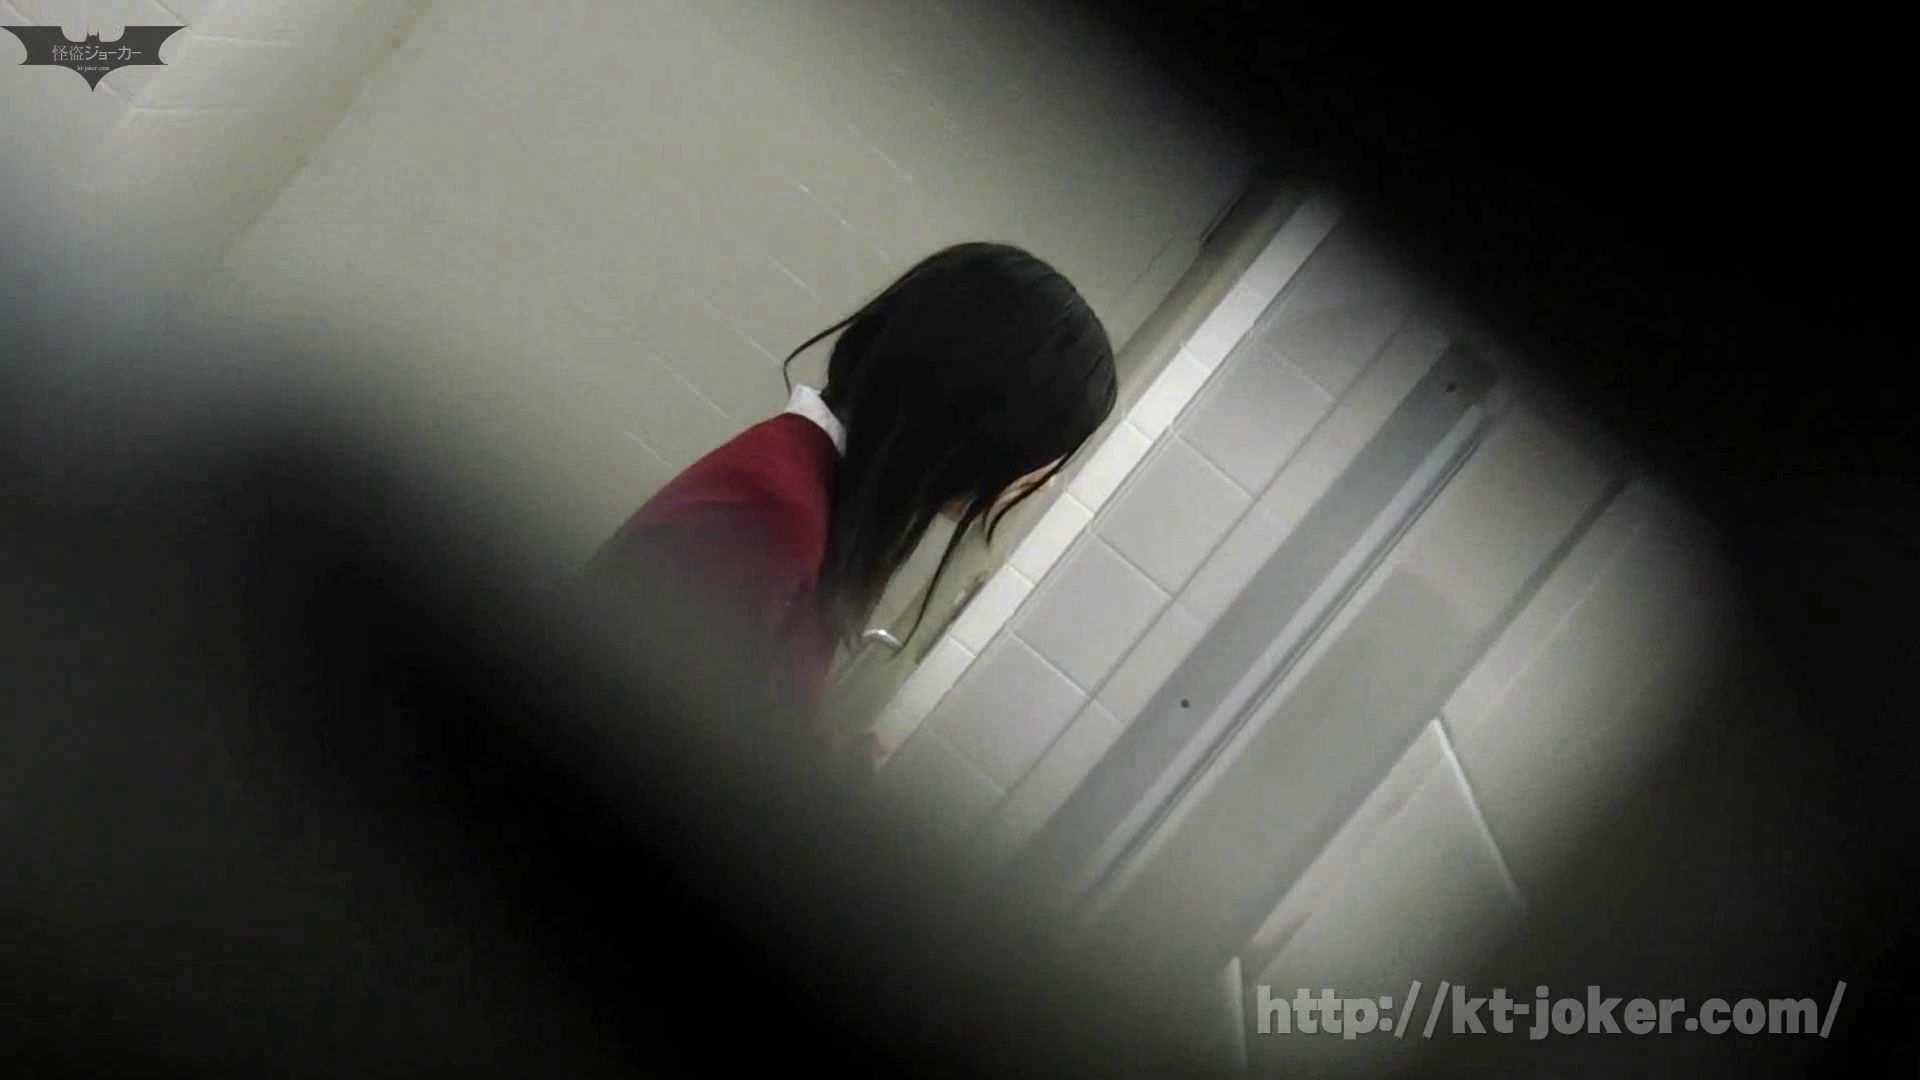 命がけ潜伏洗面所! vol.56 ピンチ!!「鏡の前で祈る女性」にばれる危機 美しいOLの裸体 われめAV動画紹介 105pic 8